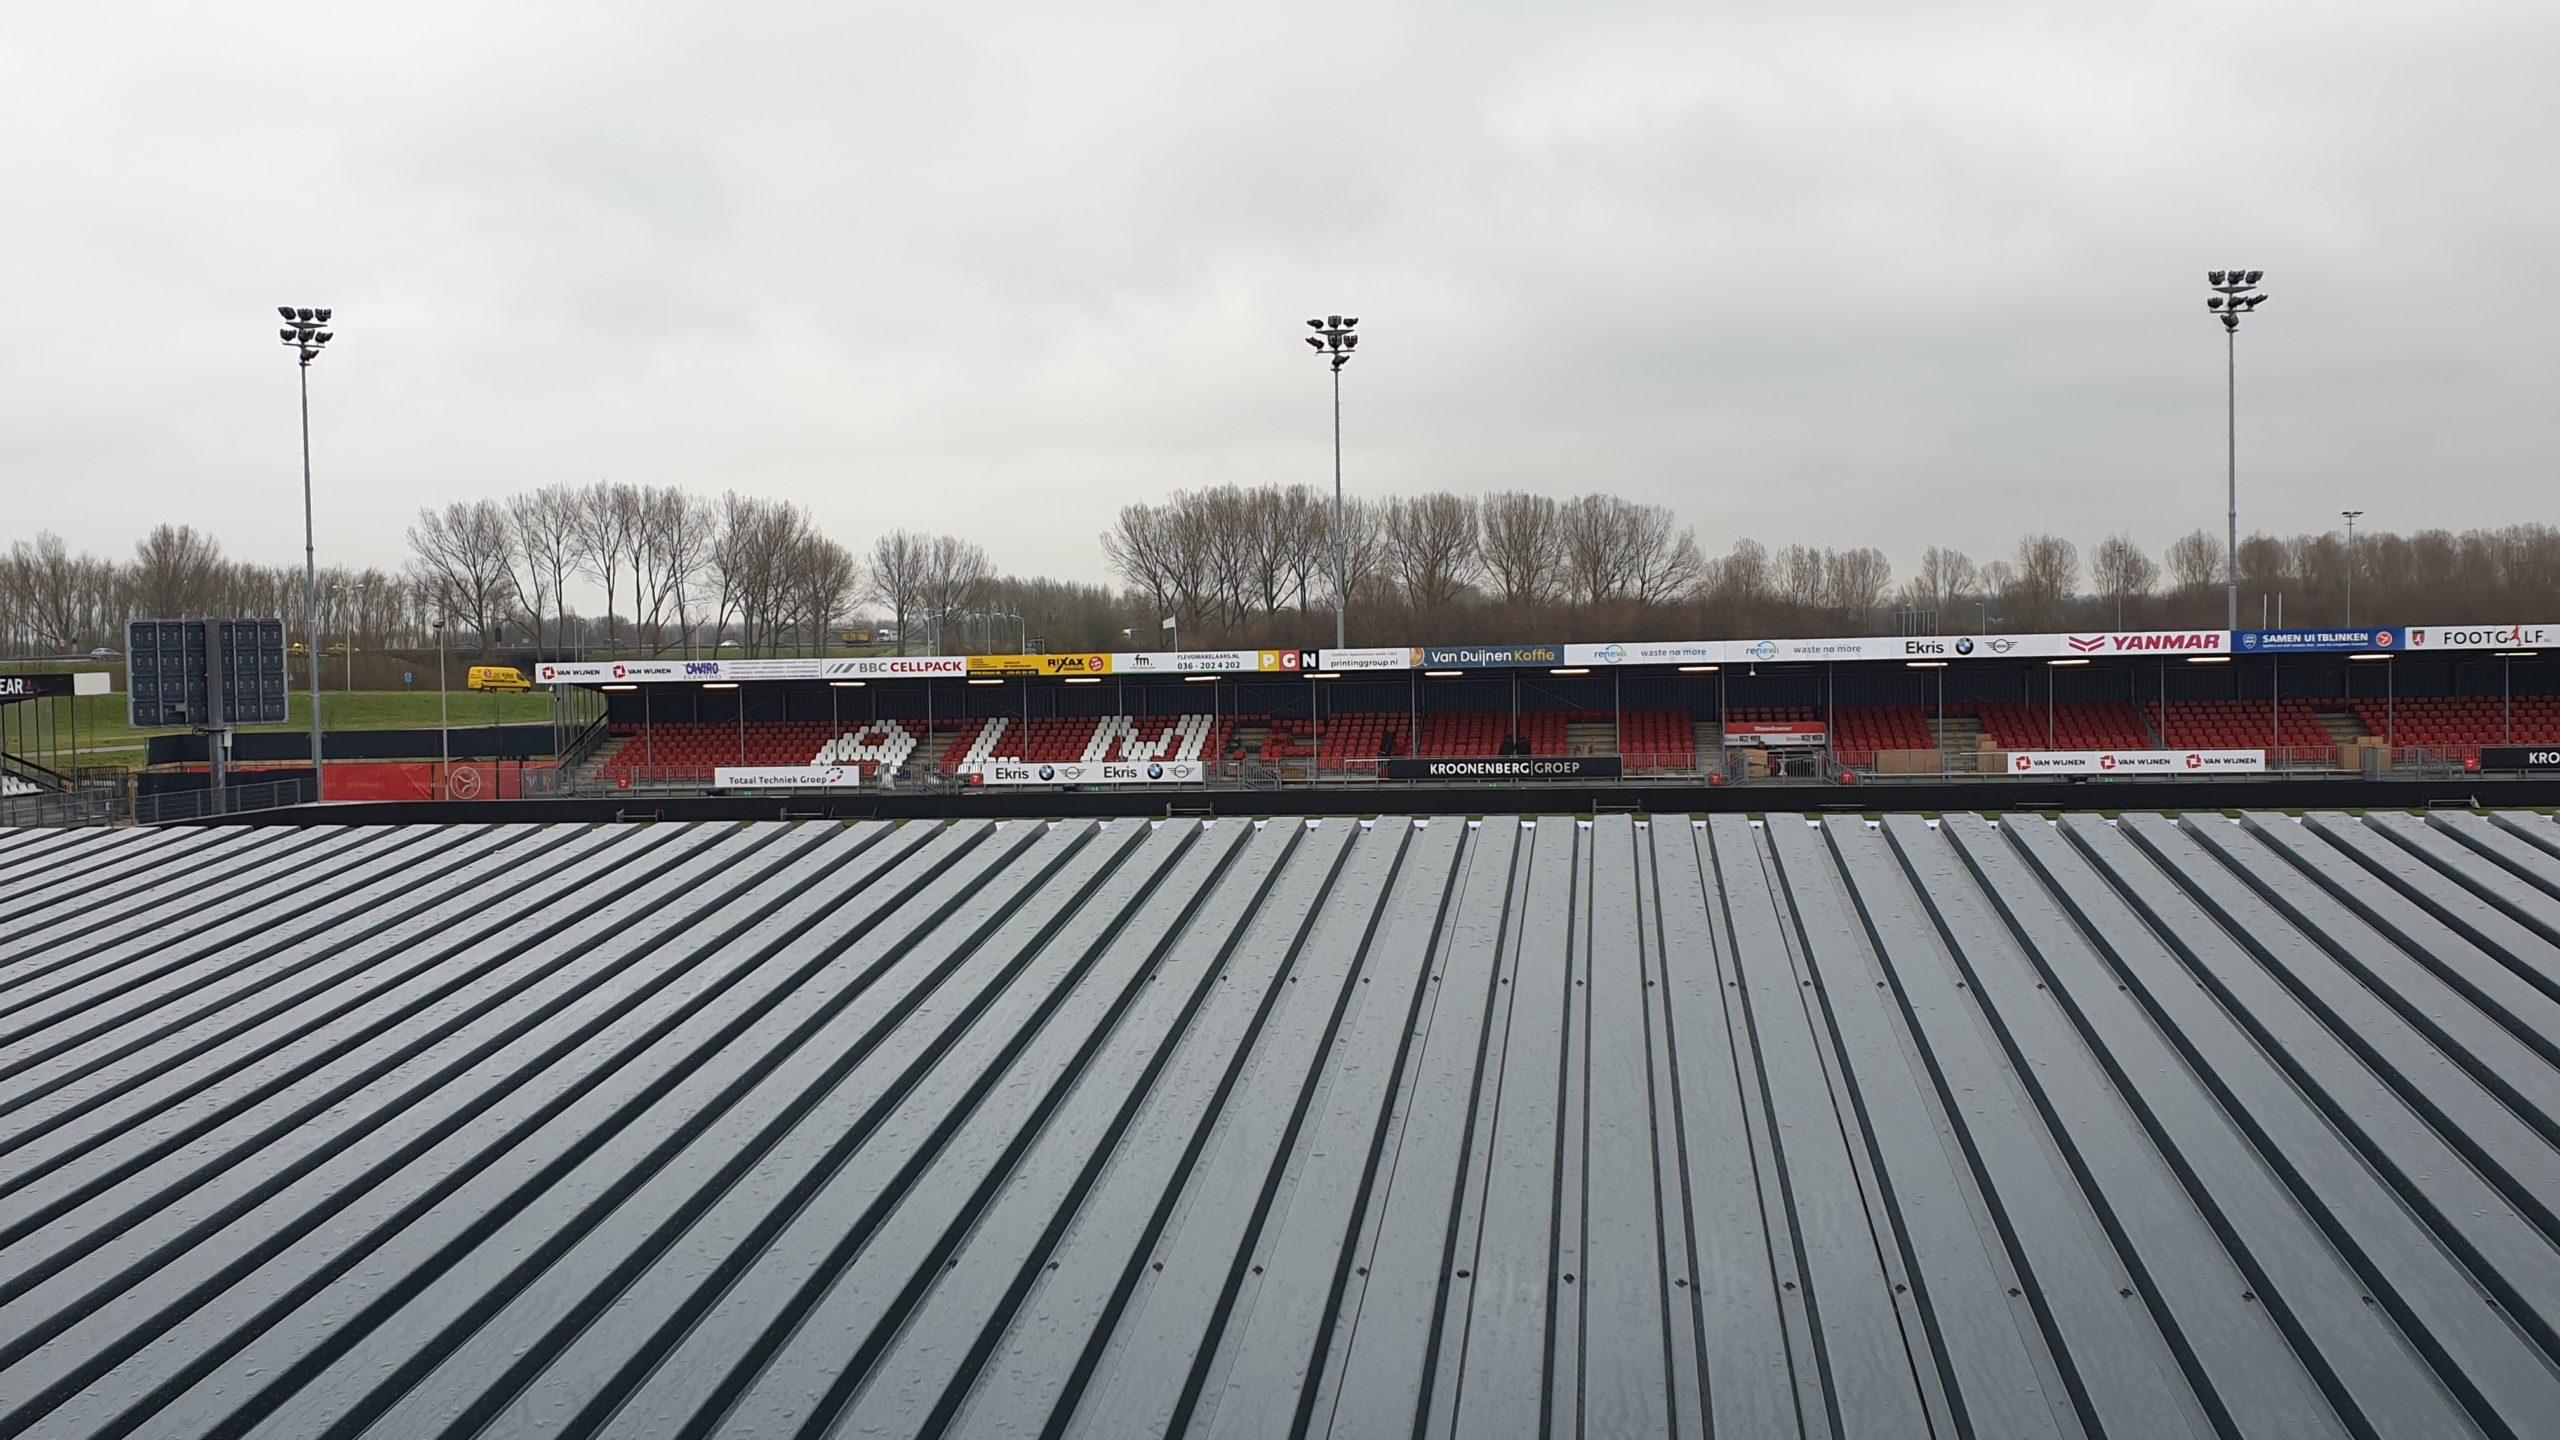 Stadion Update: Nieuwe stoelen op tribune en FEBO muur klaar voor gebruik.